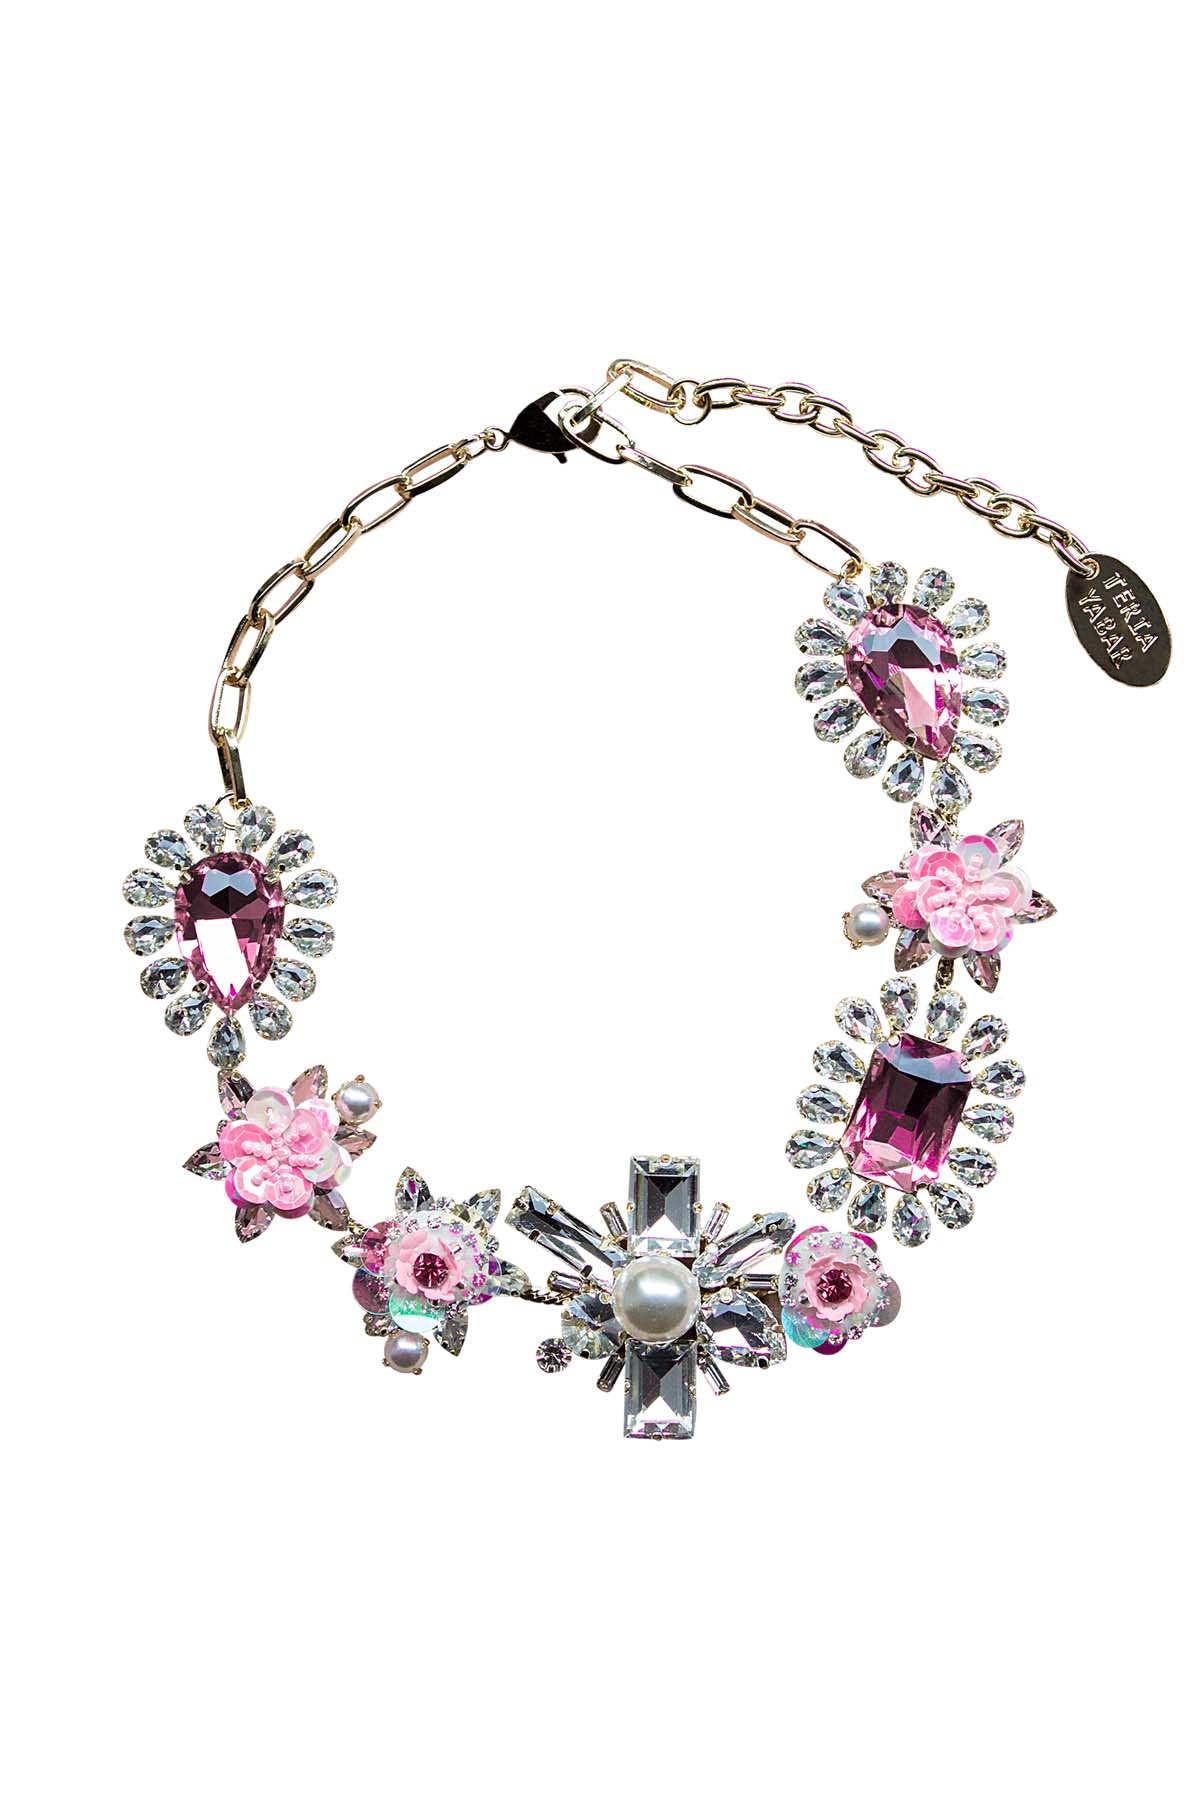 Teria Yabar - Collar de cristales y flores